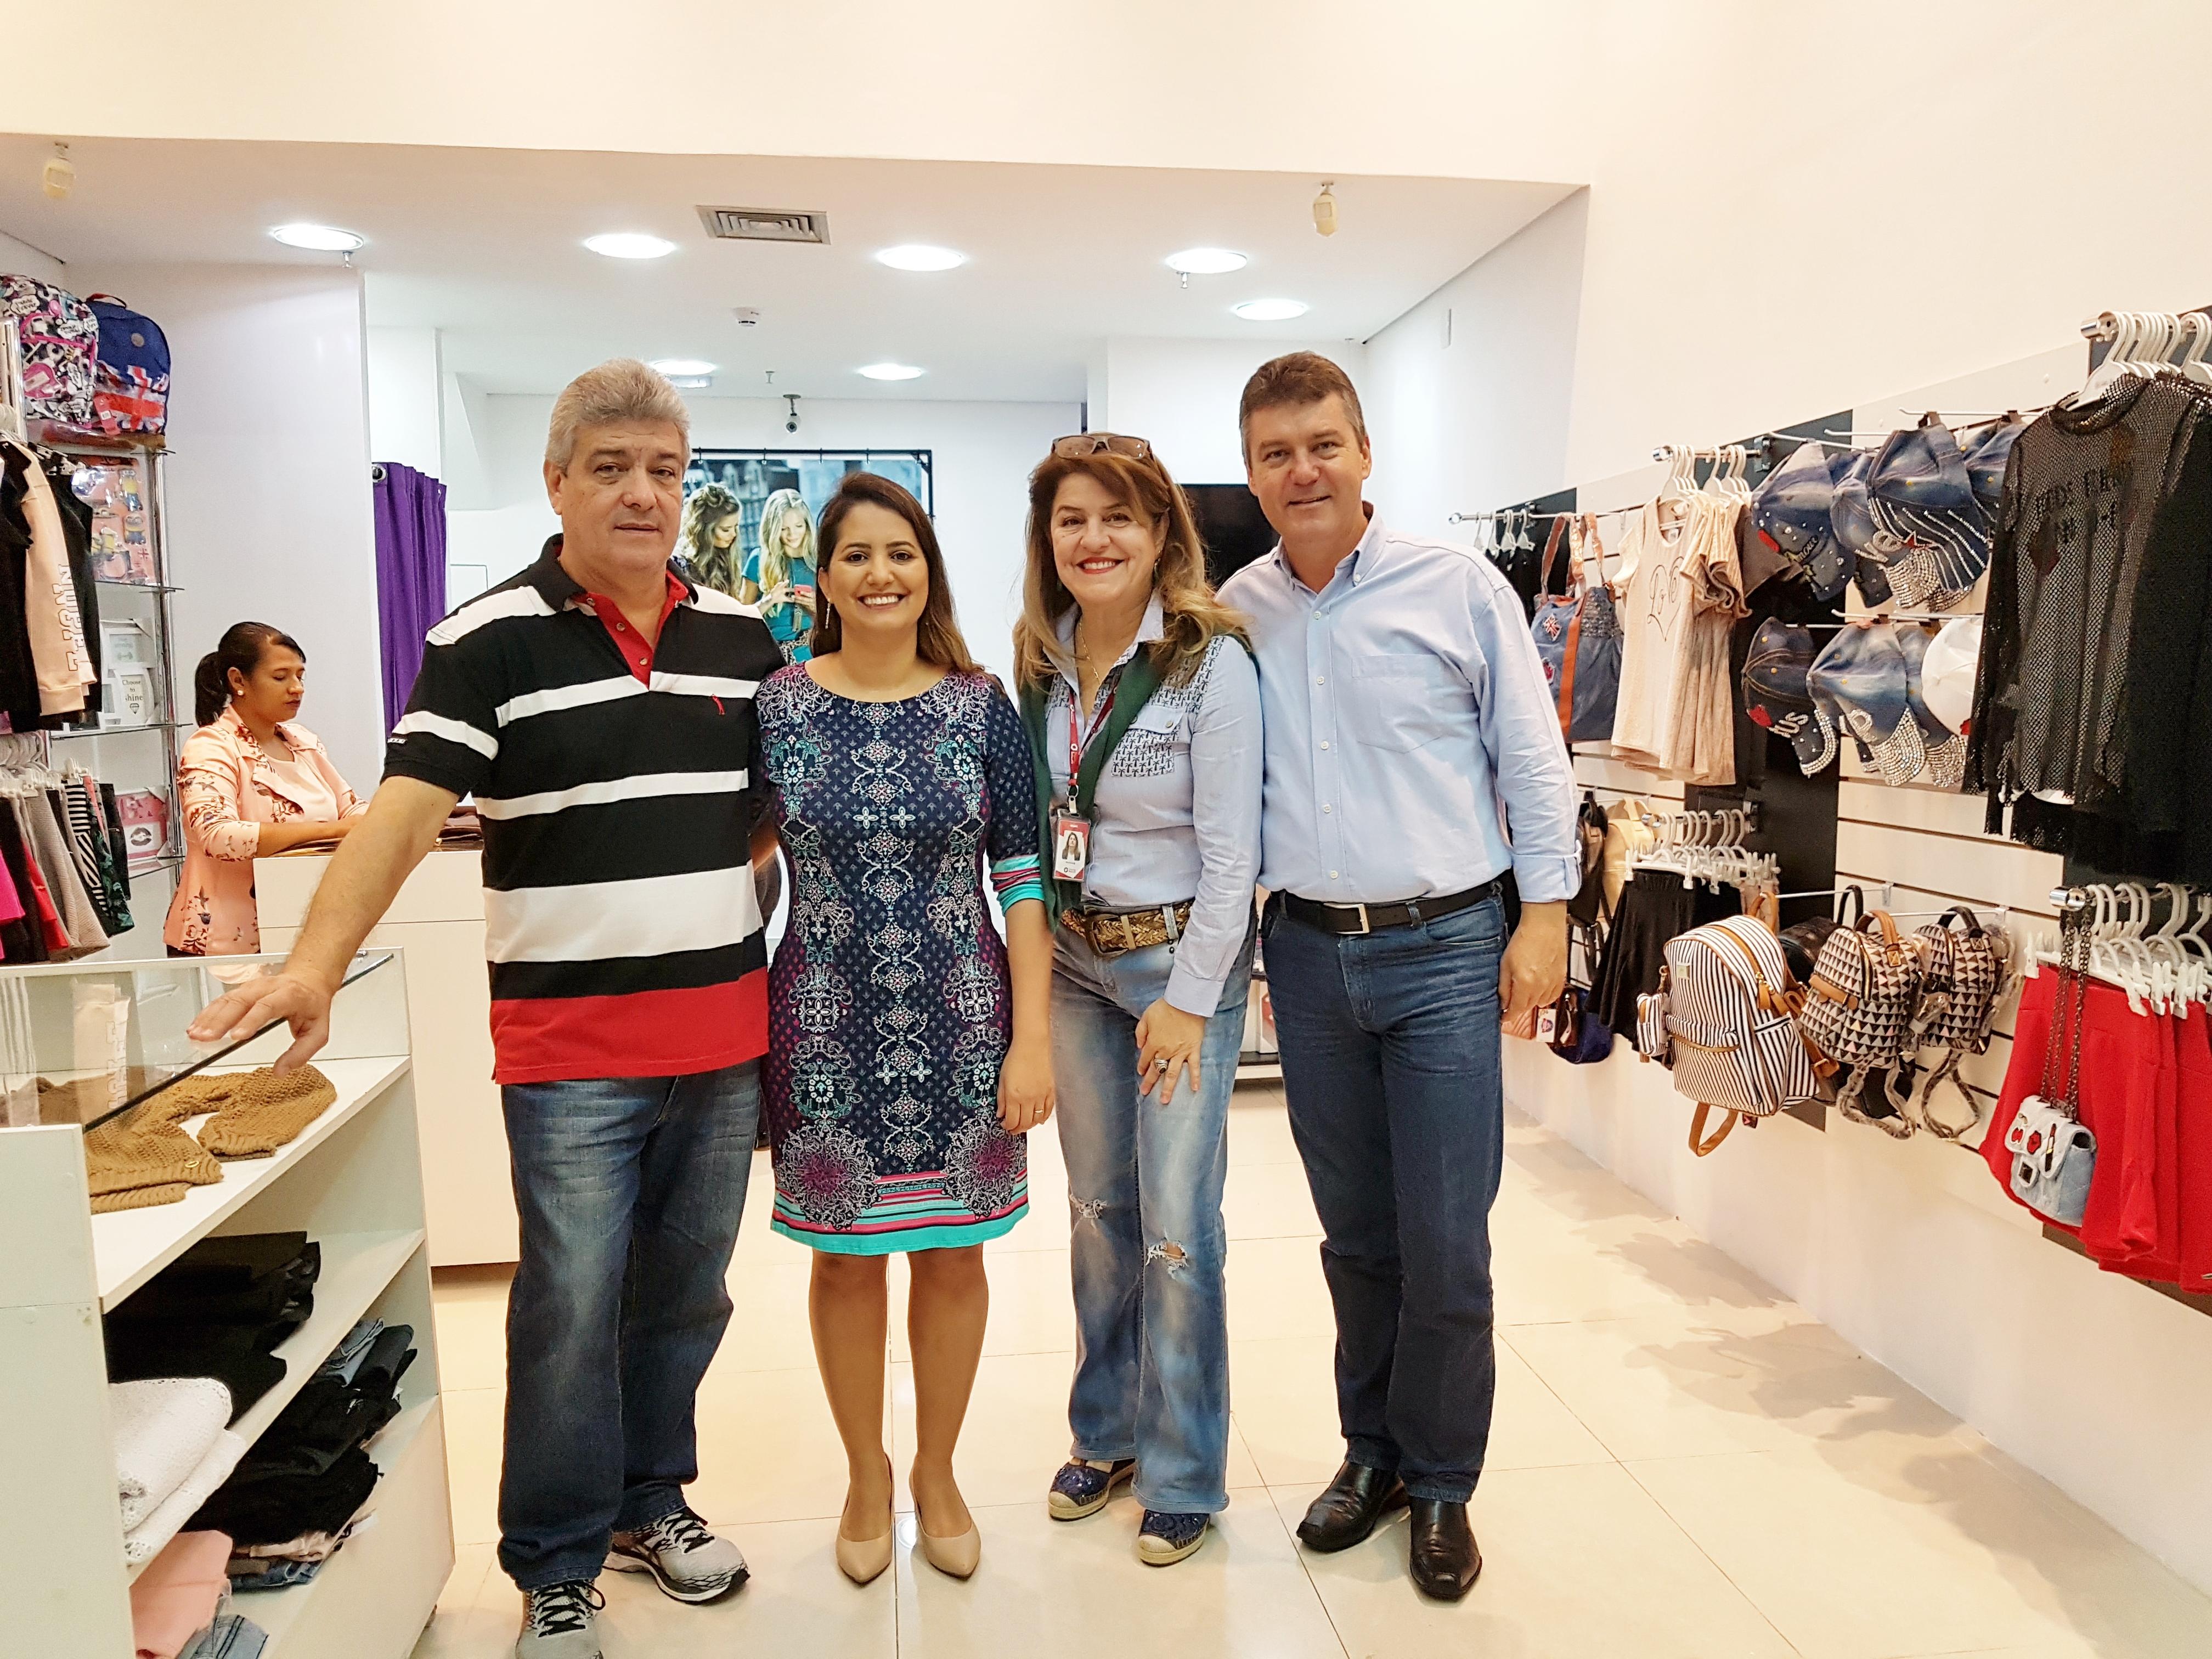 a20ca58ee Na manhã desta quinta-feira, 19, foi inaugurada no Shopping Botucatu a loja  Pólen. Especializada em roupas e acessórios infantojuvenis, a operação traz  ...